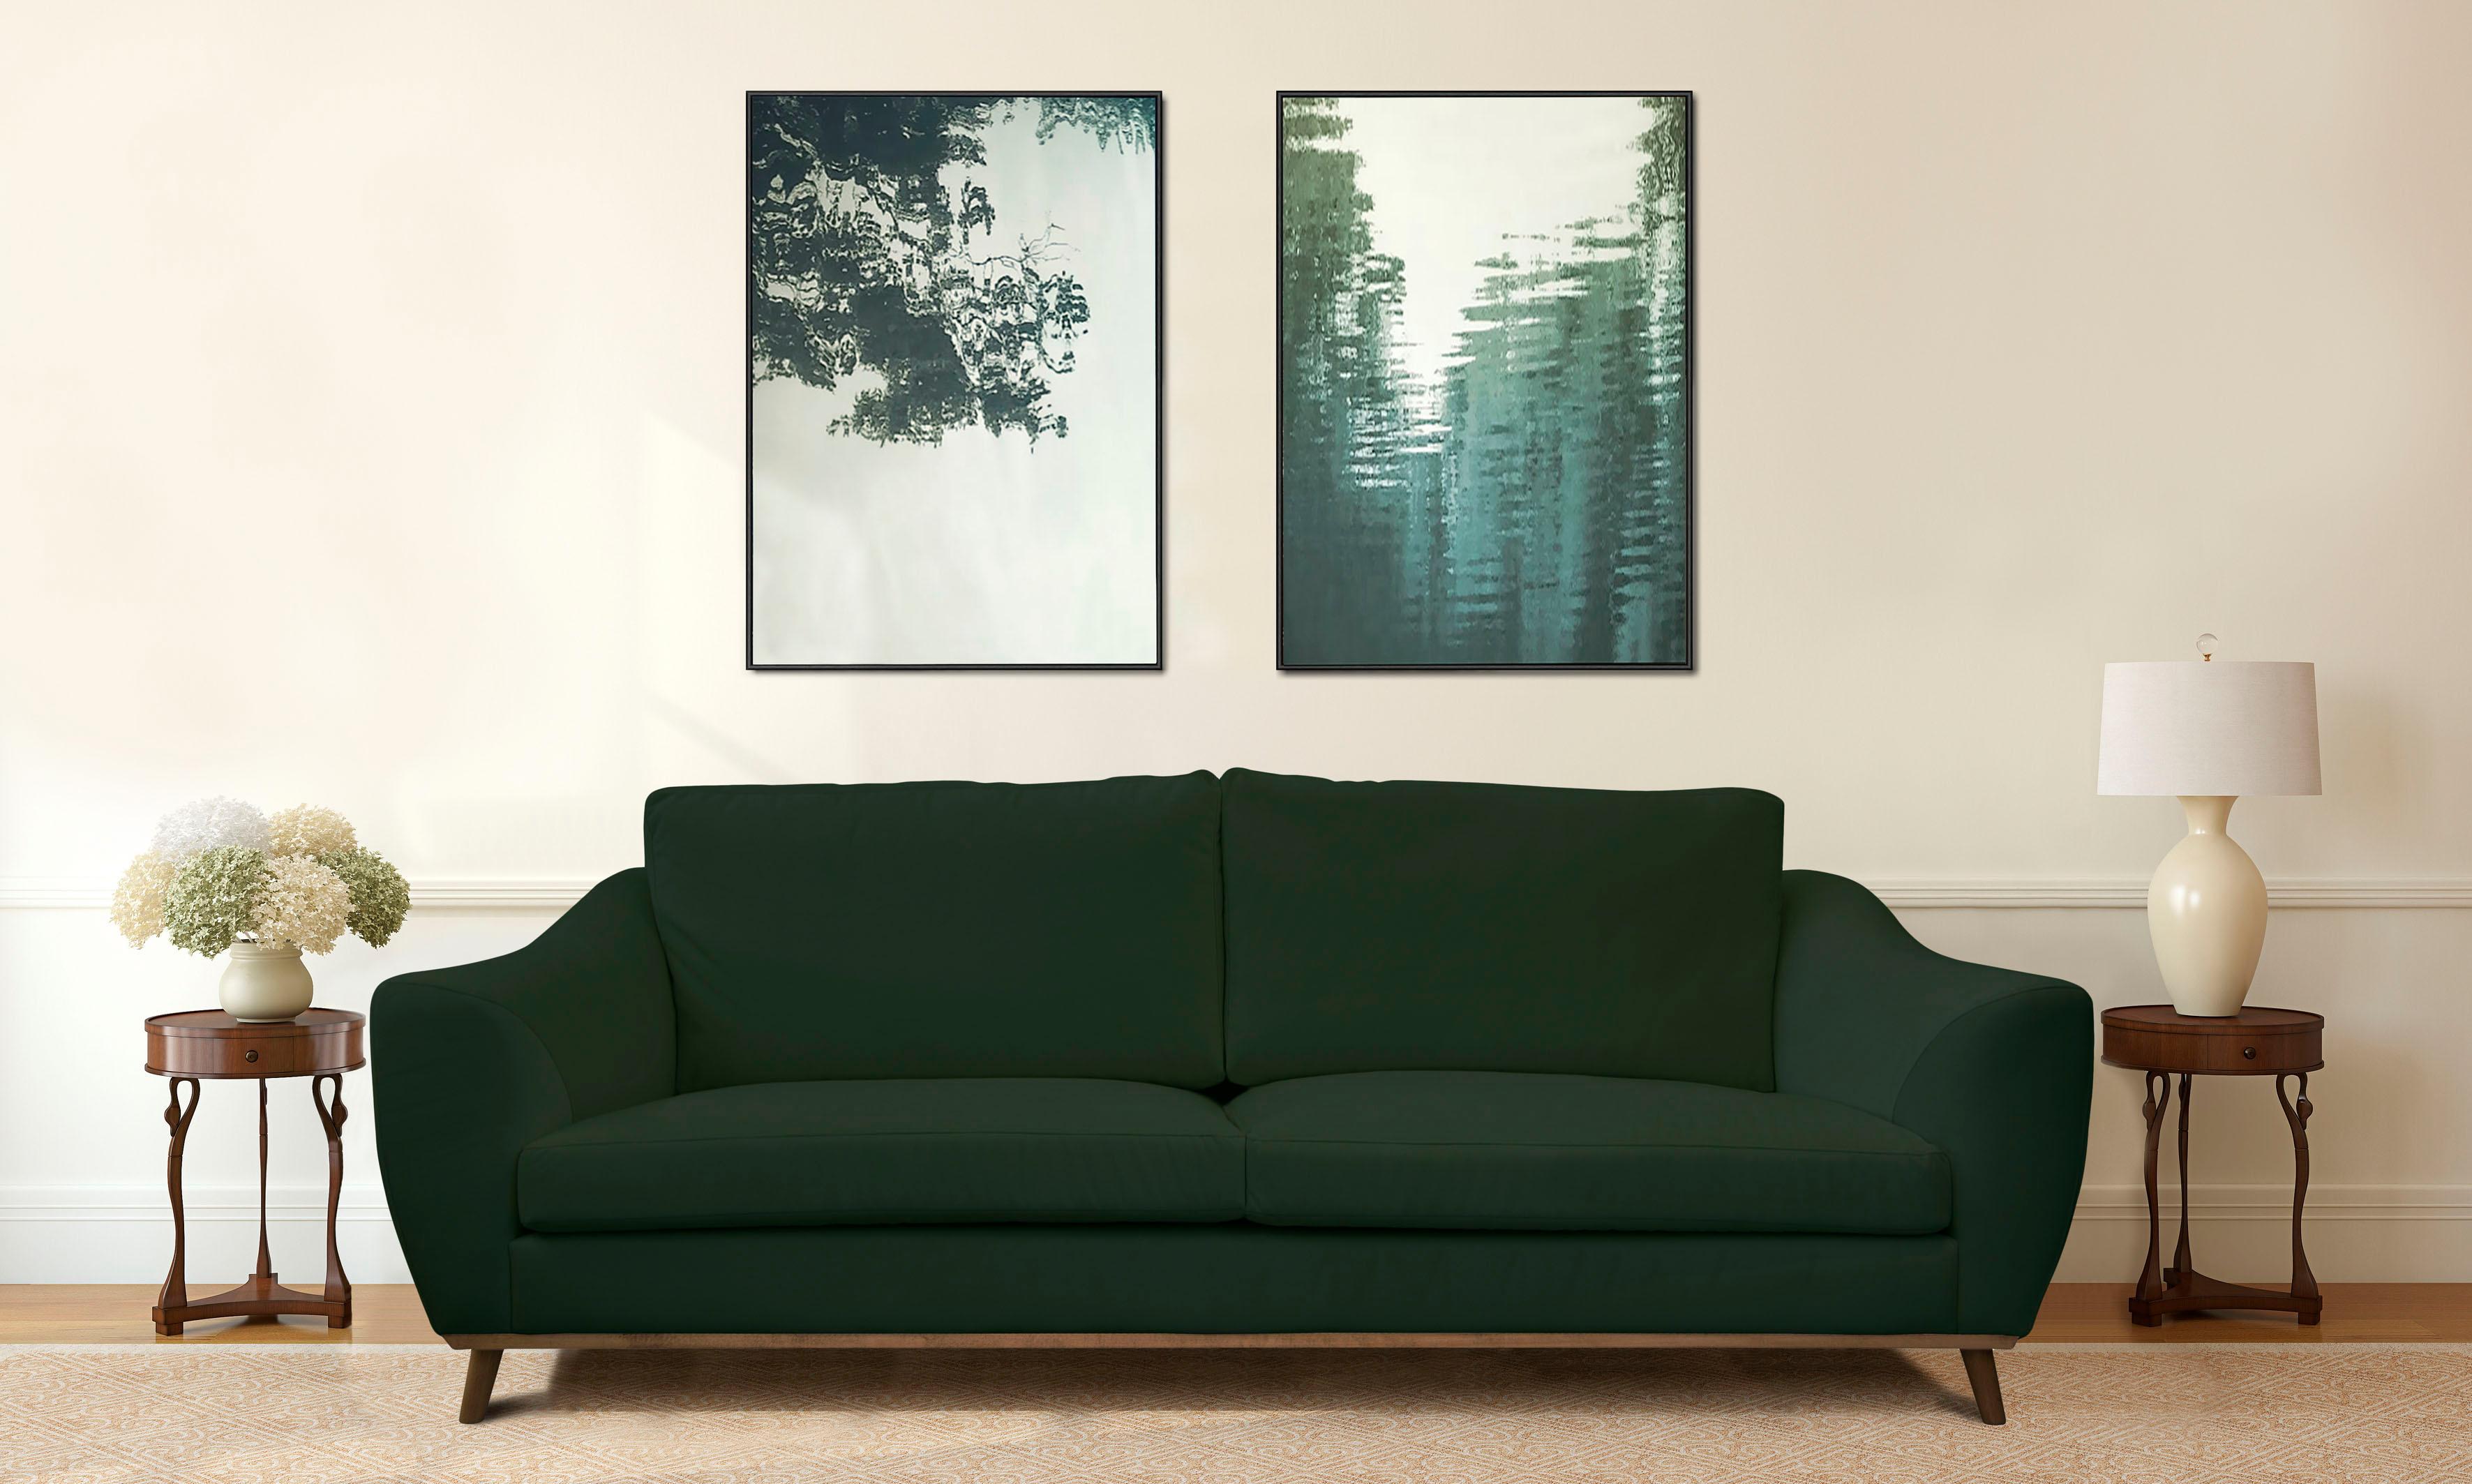 schlafsofas skandinavisches design wandmalerei schlafzimmer ideen lampe orange bettw sche mit. Black Bedroom Furniture Sets. Home Design Ideas